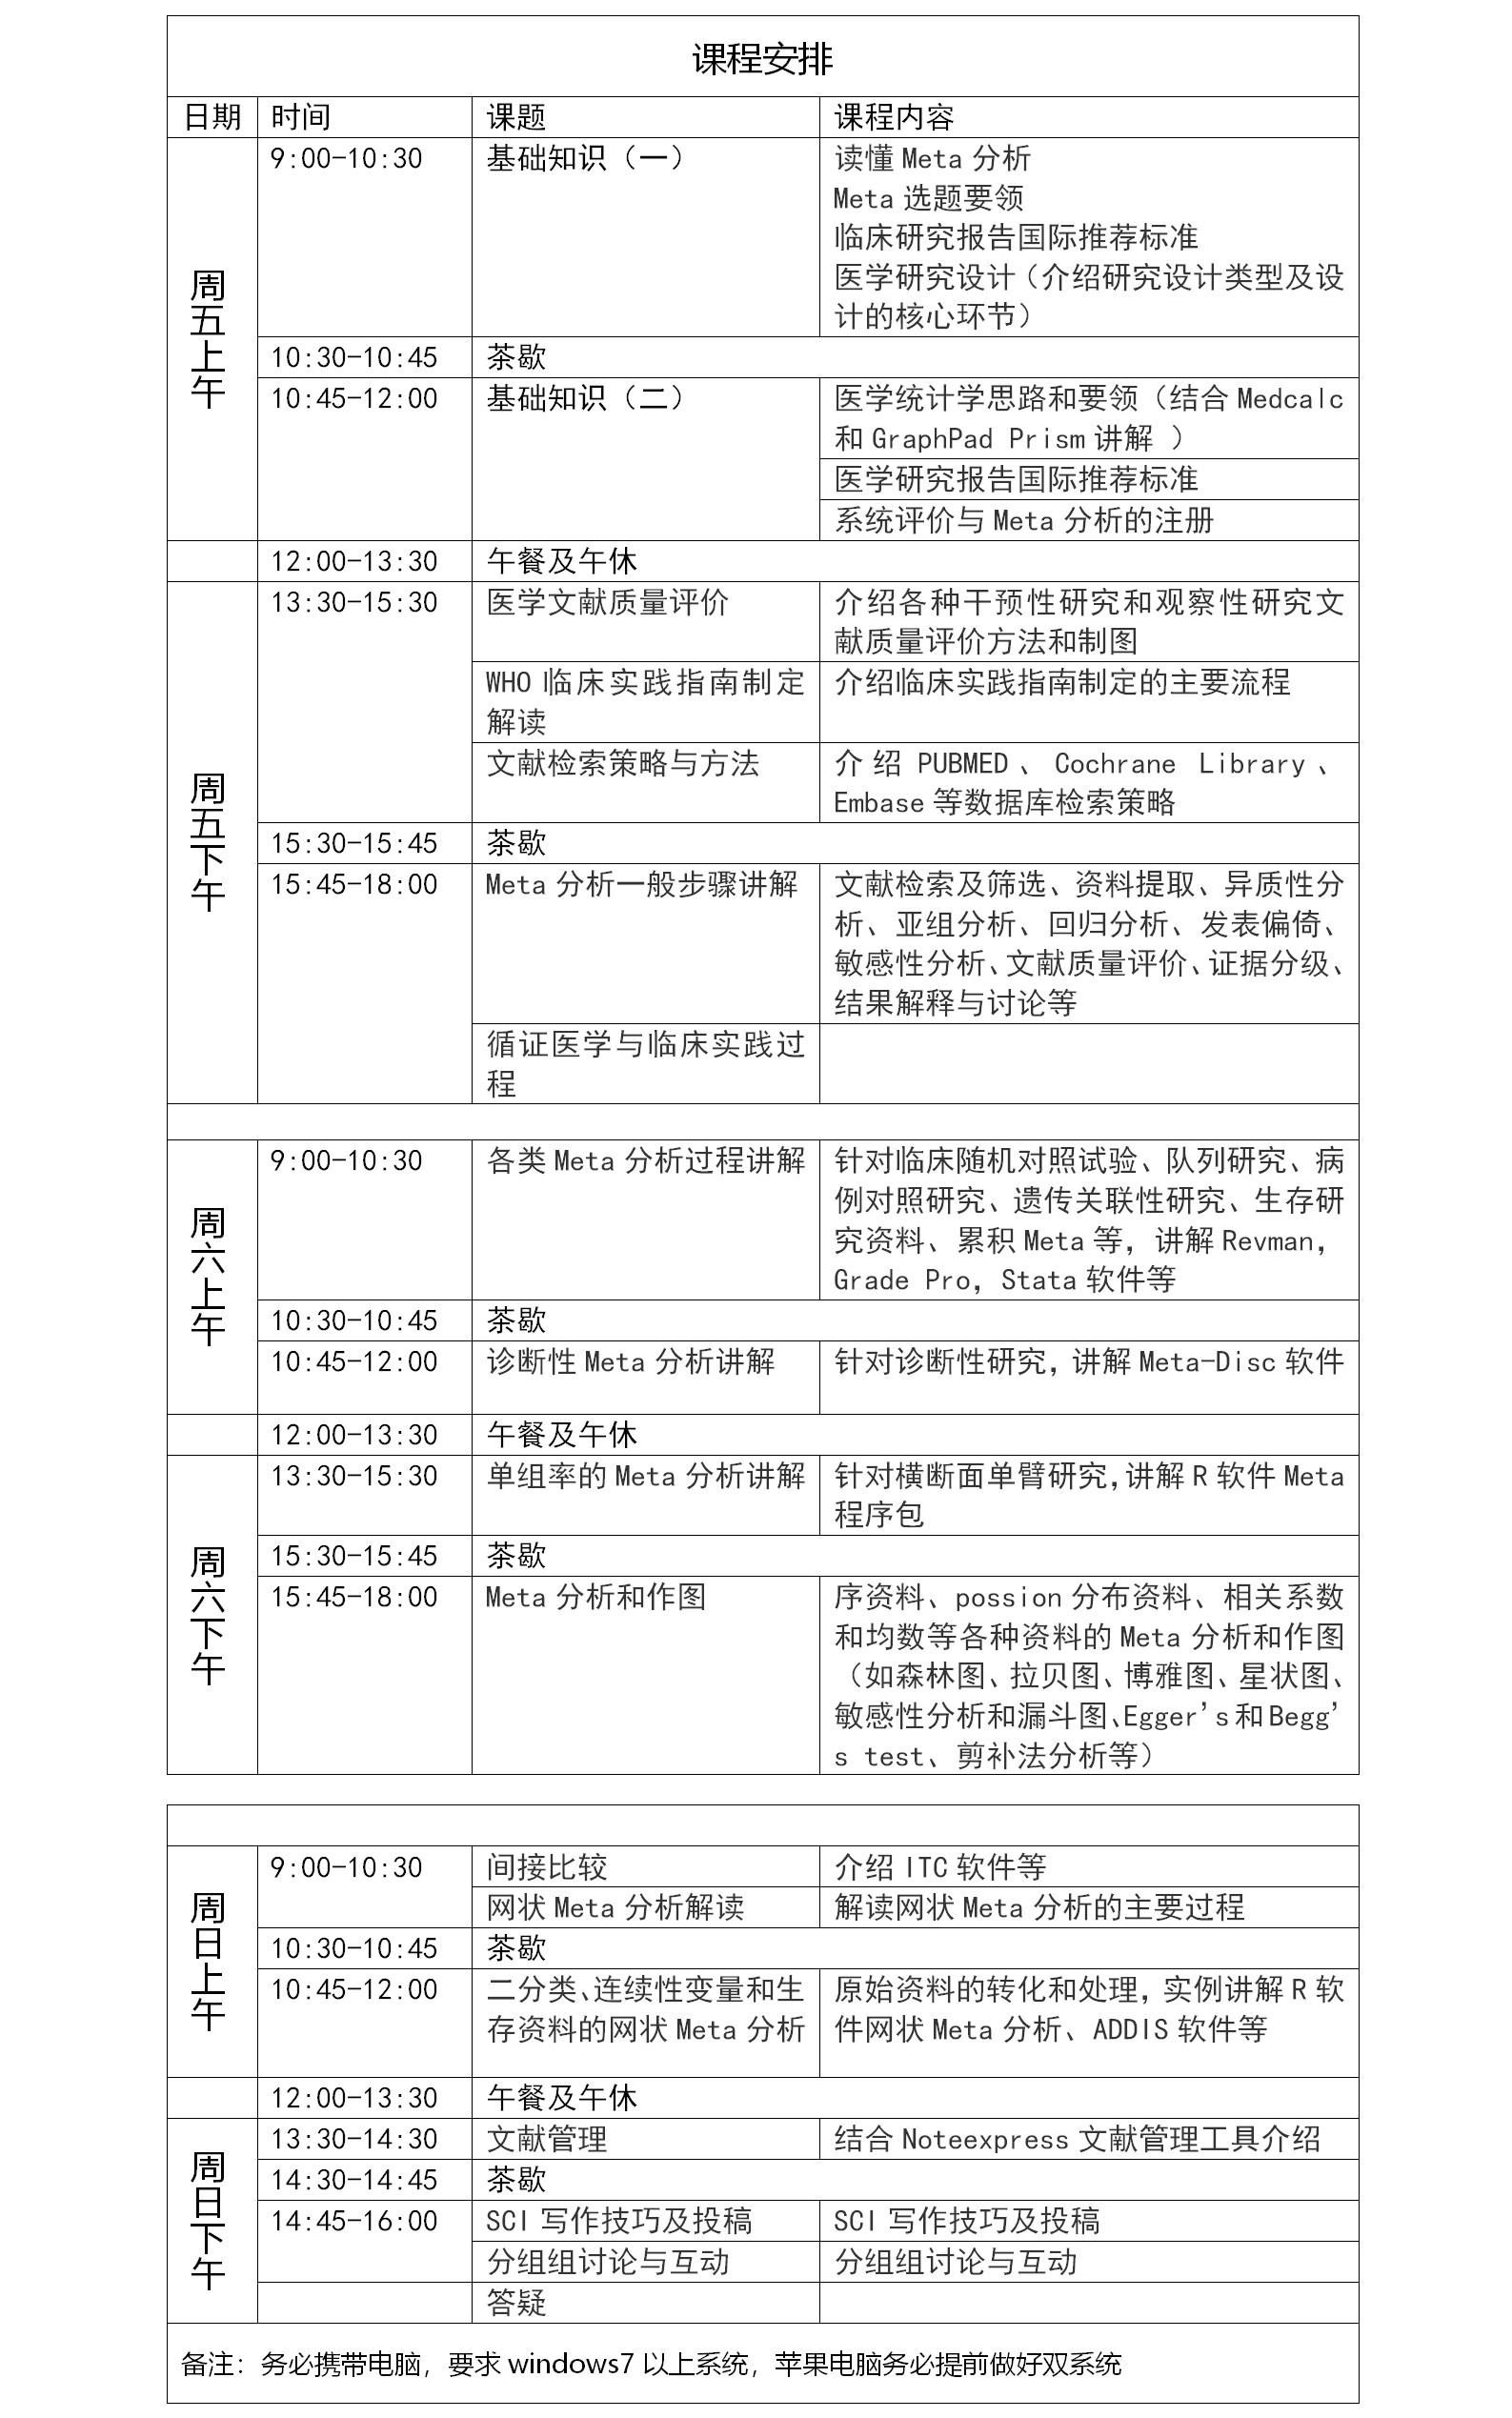 2019全国循证医学Meta分析及网状Meta三天精讲学习班(1月北京班)